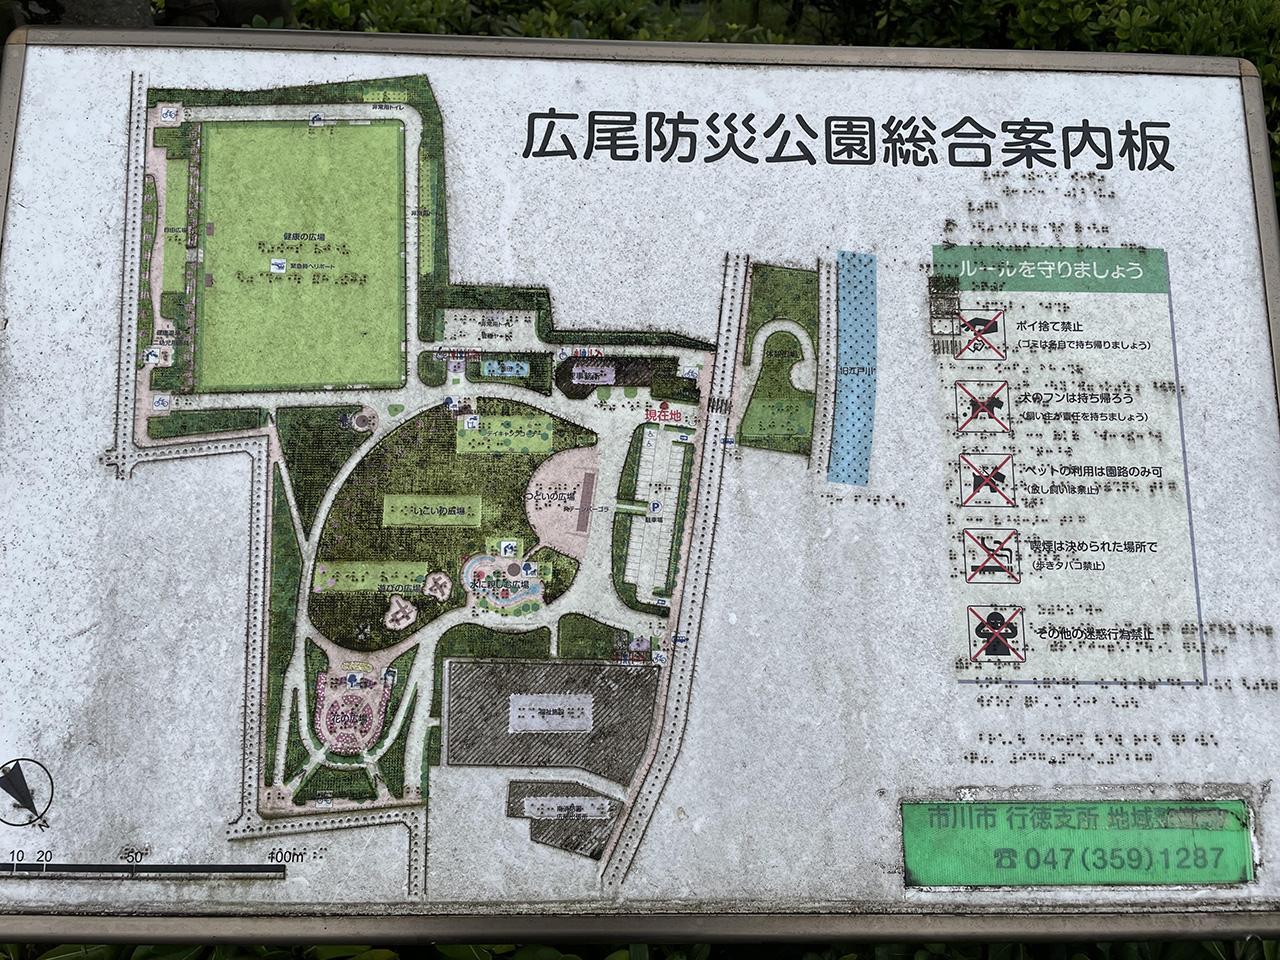 広尾防災公園総合案内板の写真